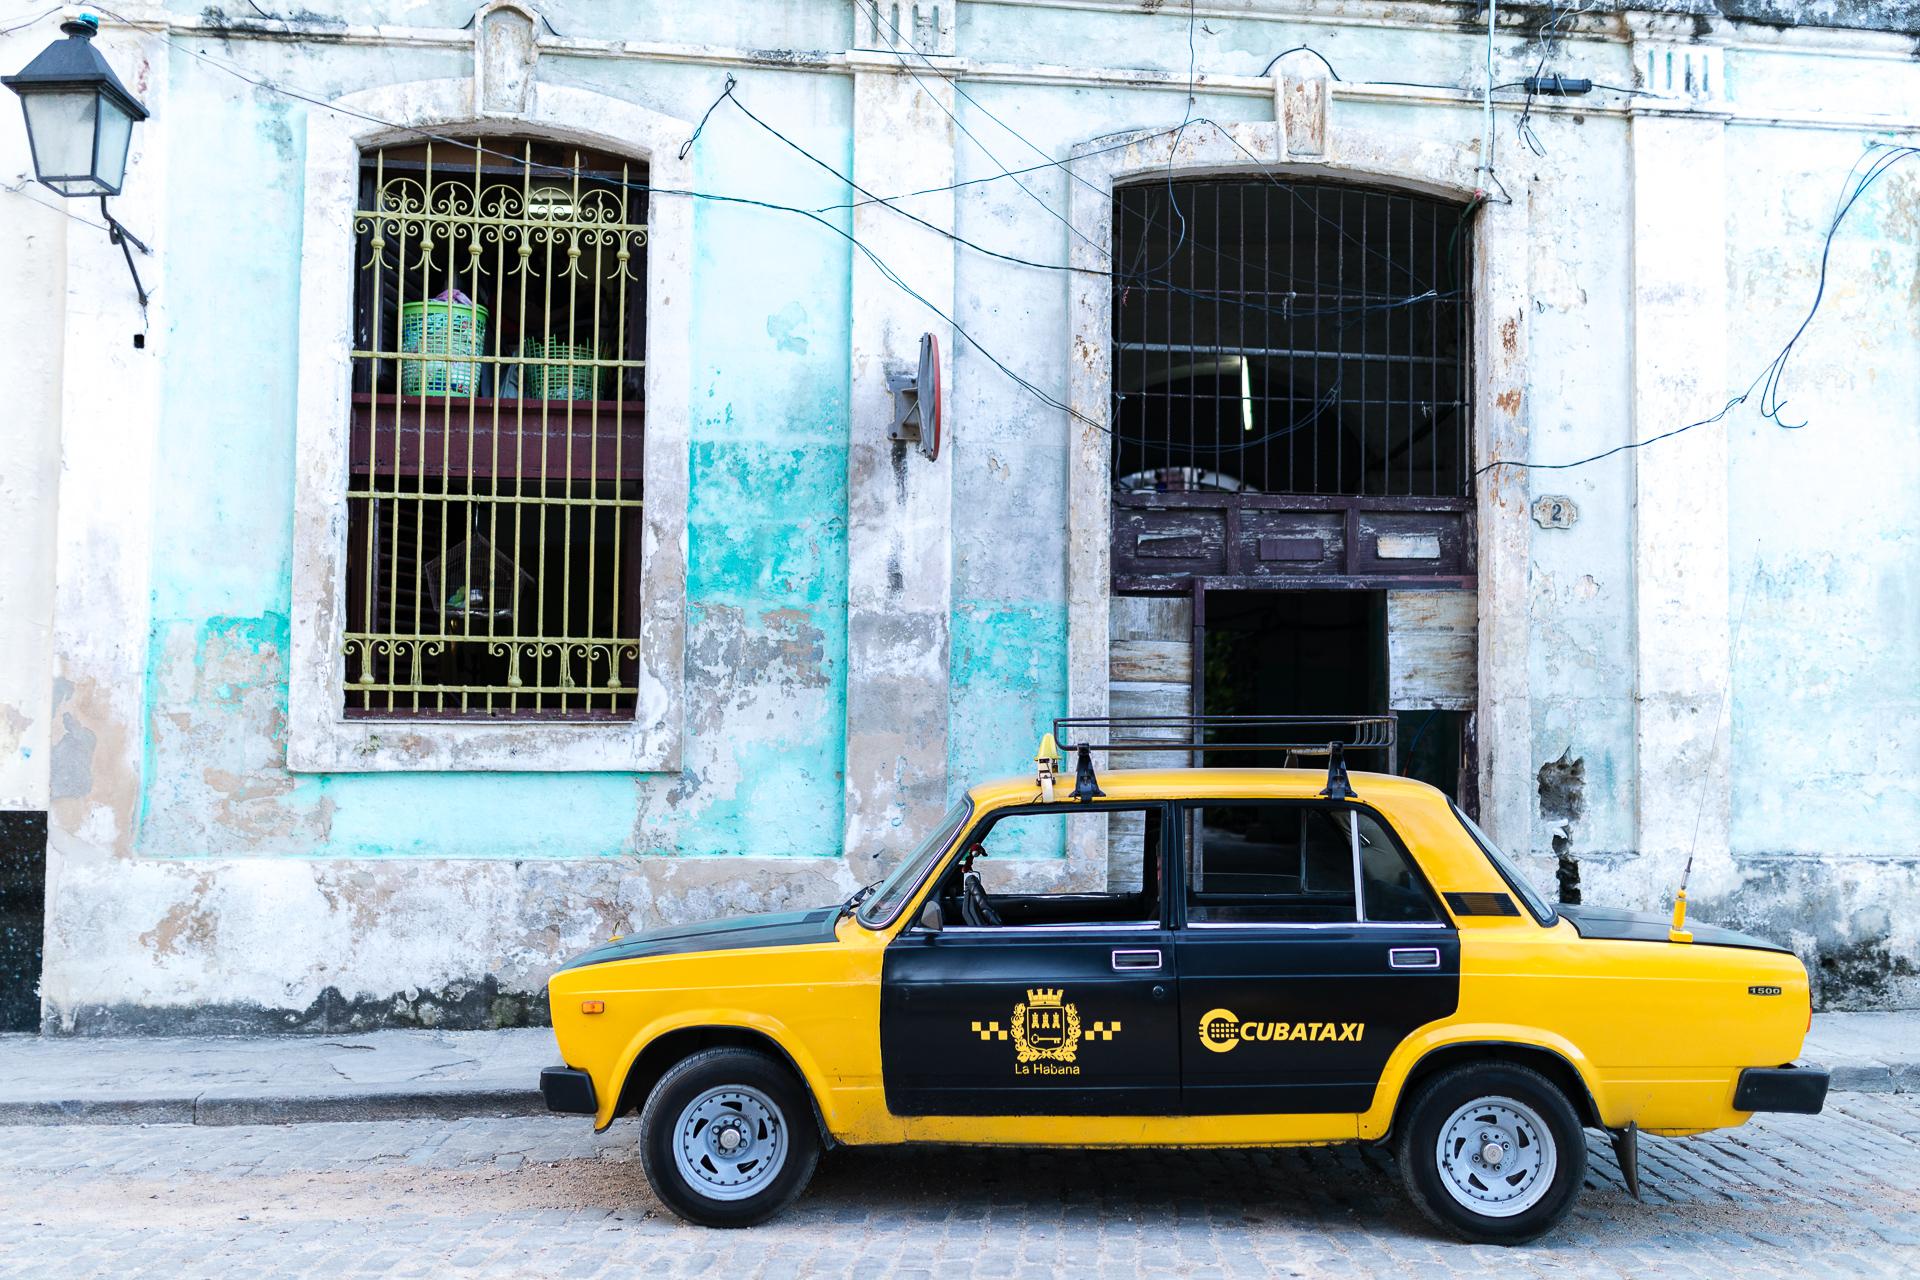 Bild: Cubataxi Havanna Kuba